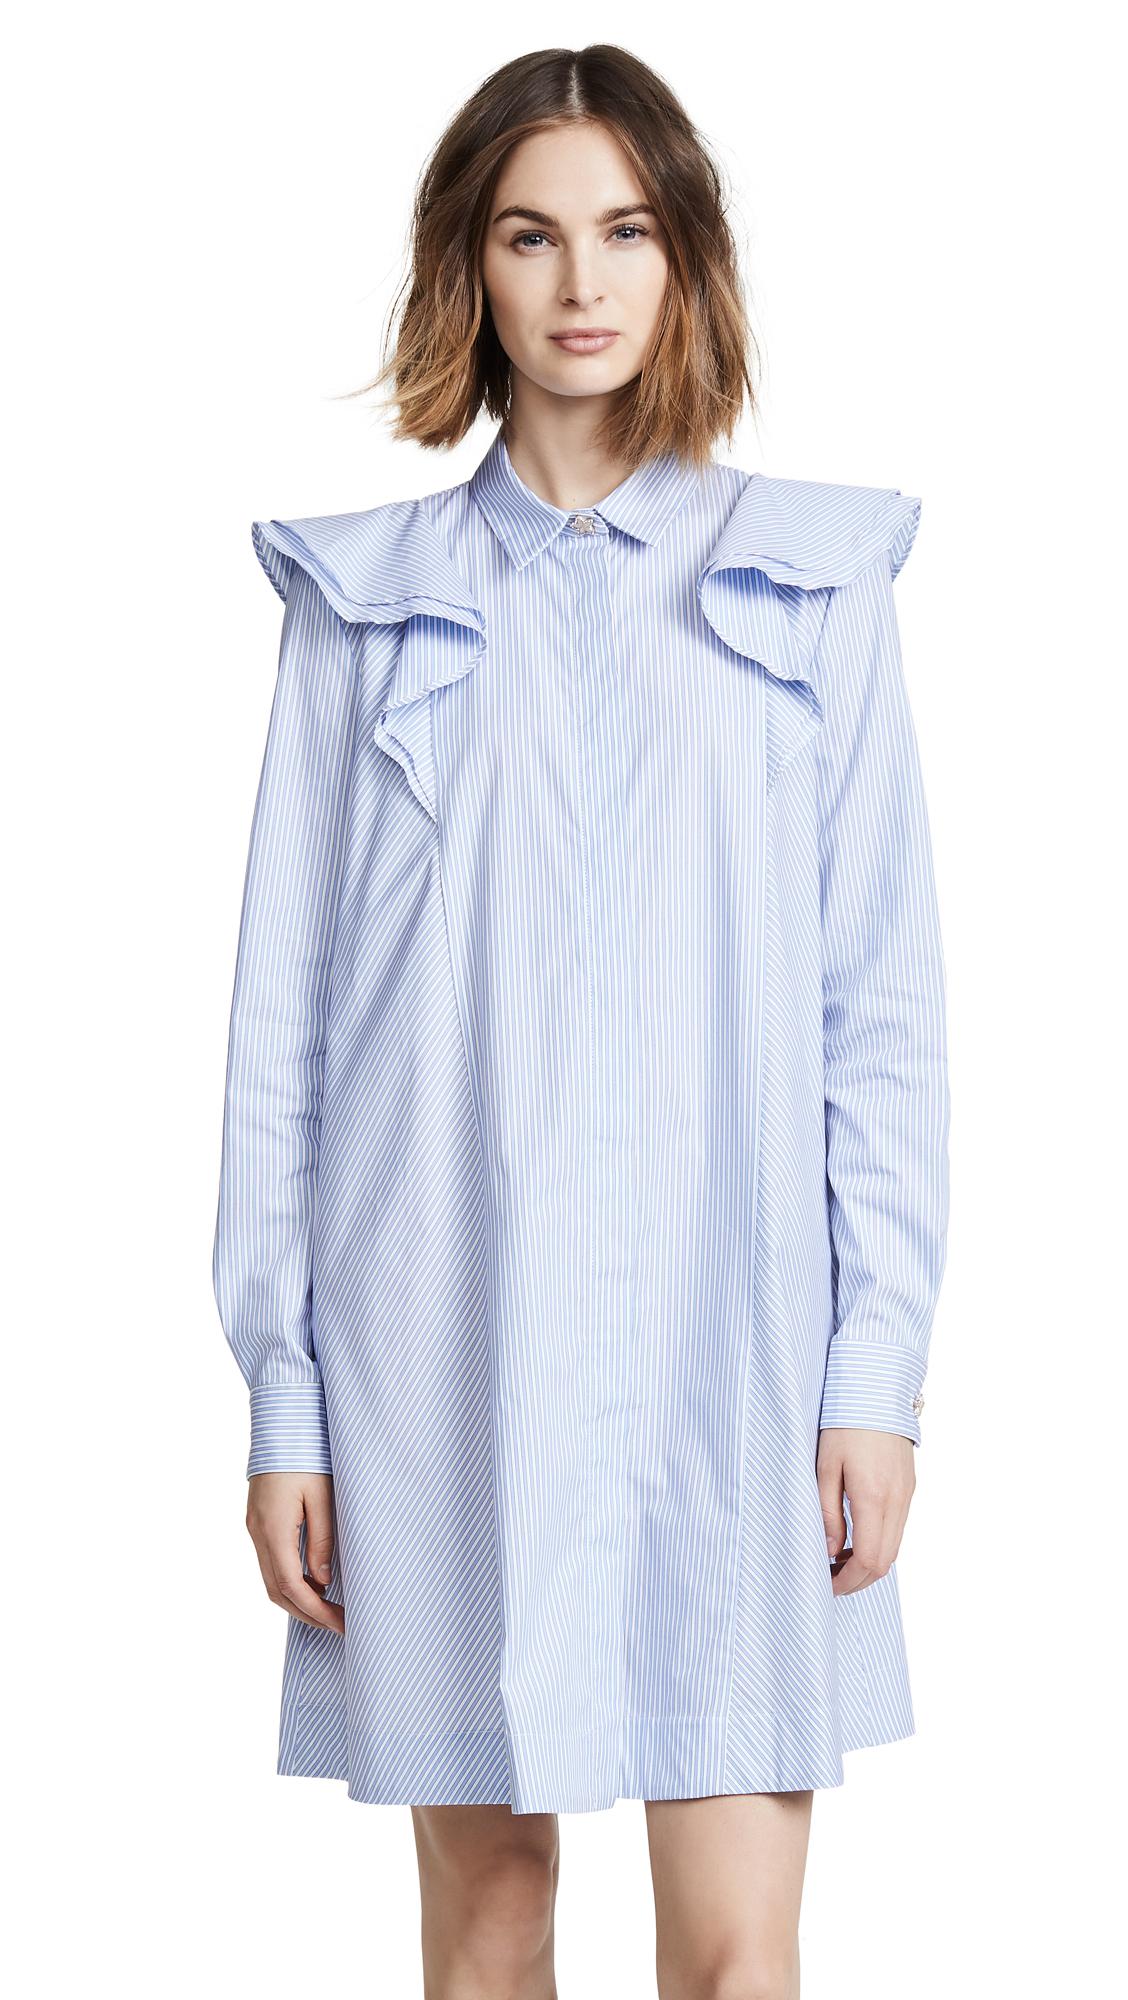 Paul & Joe Sister Coralia Shirt Dress In Ciel 32